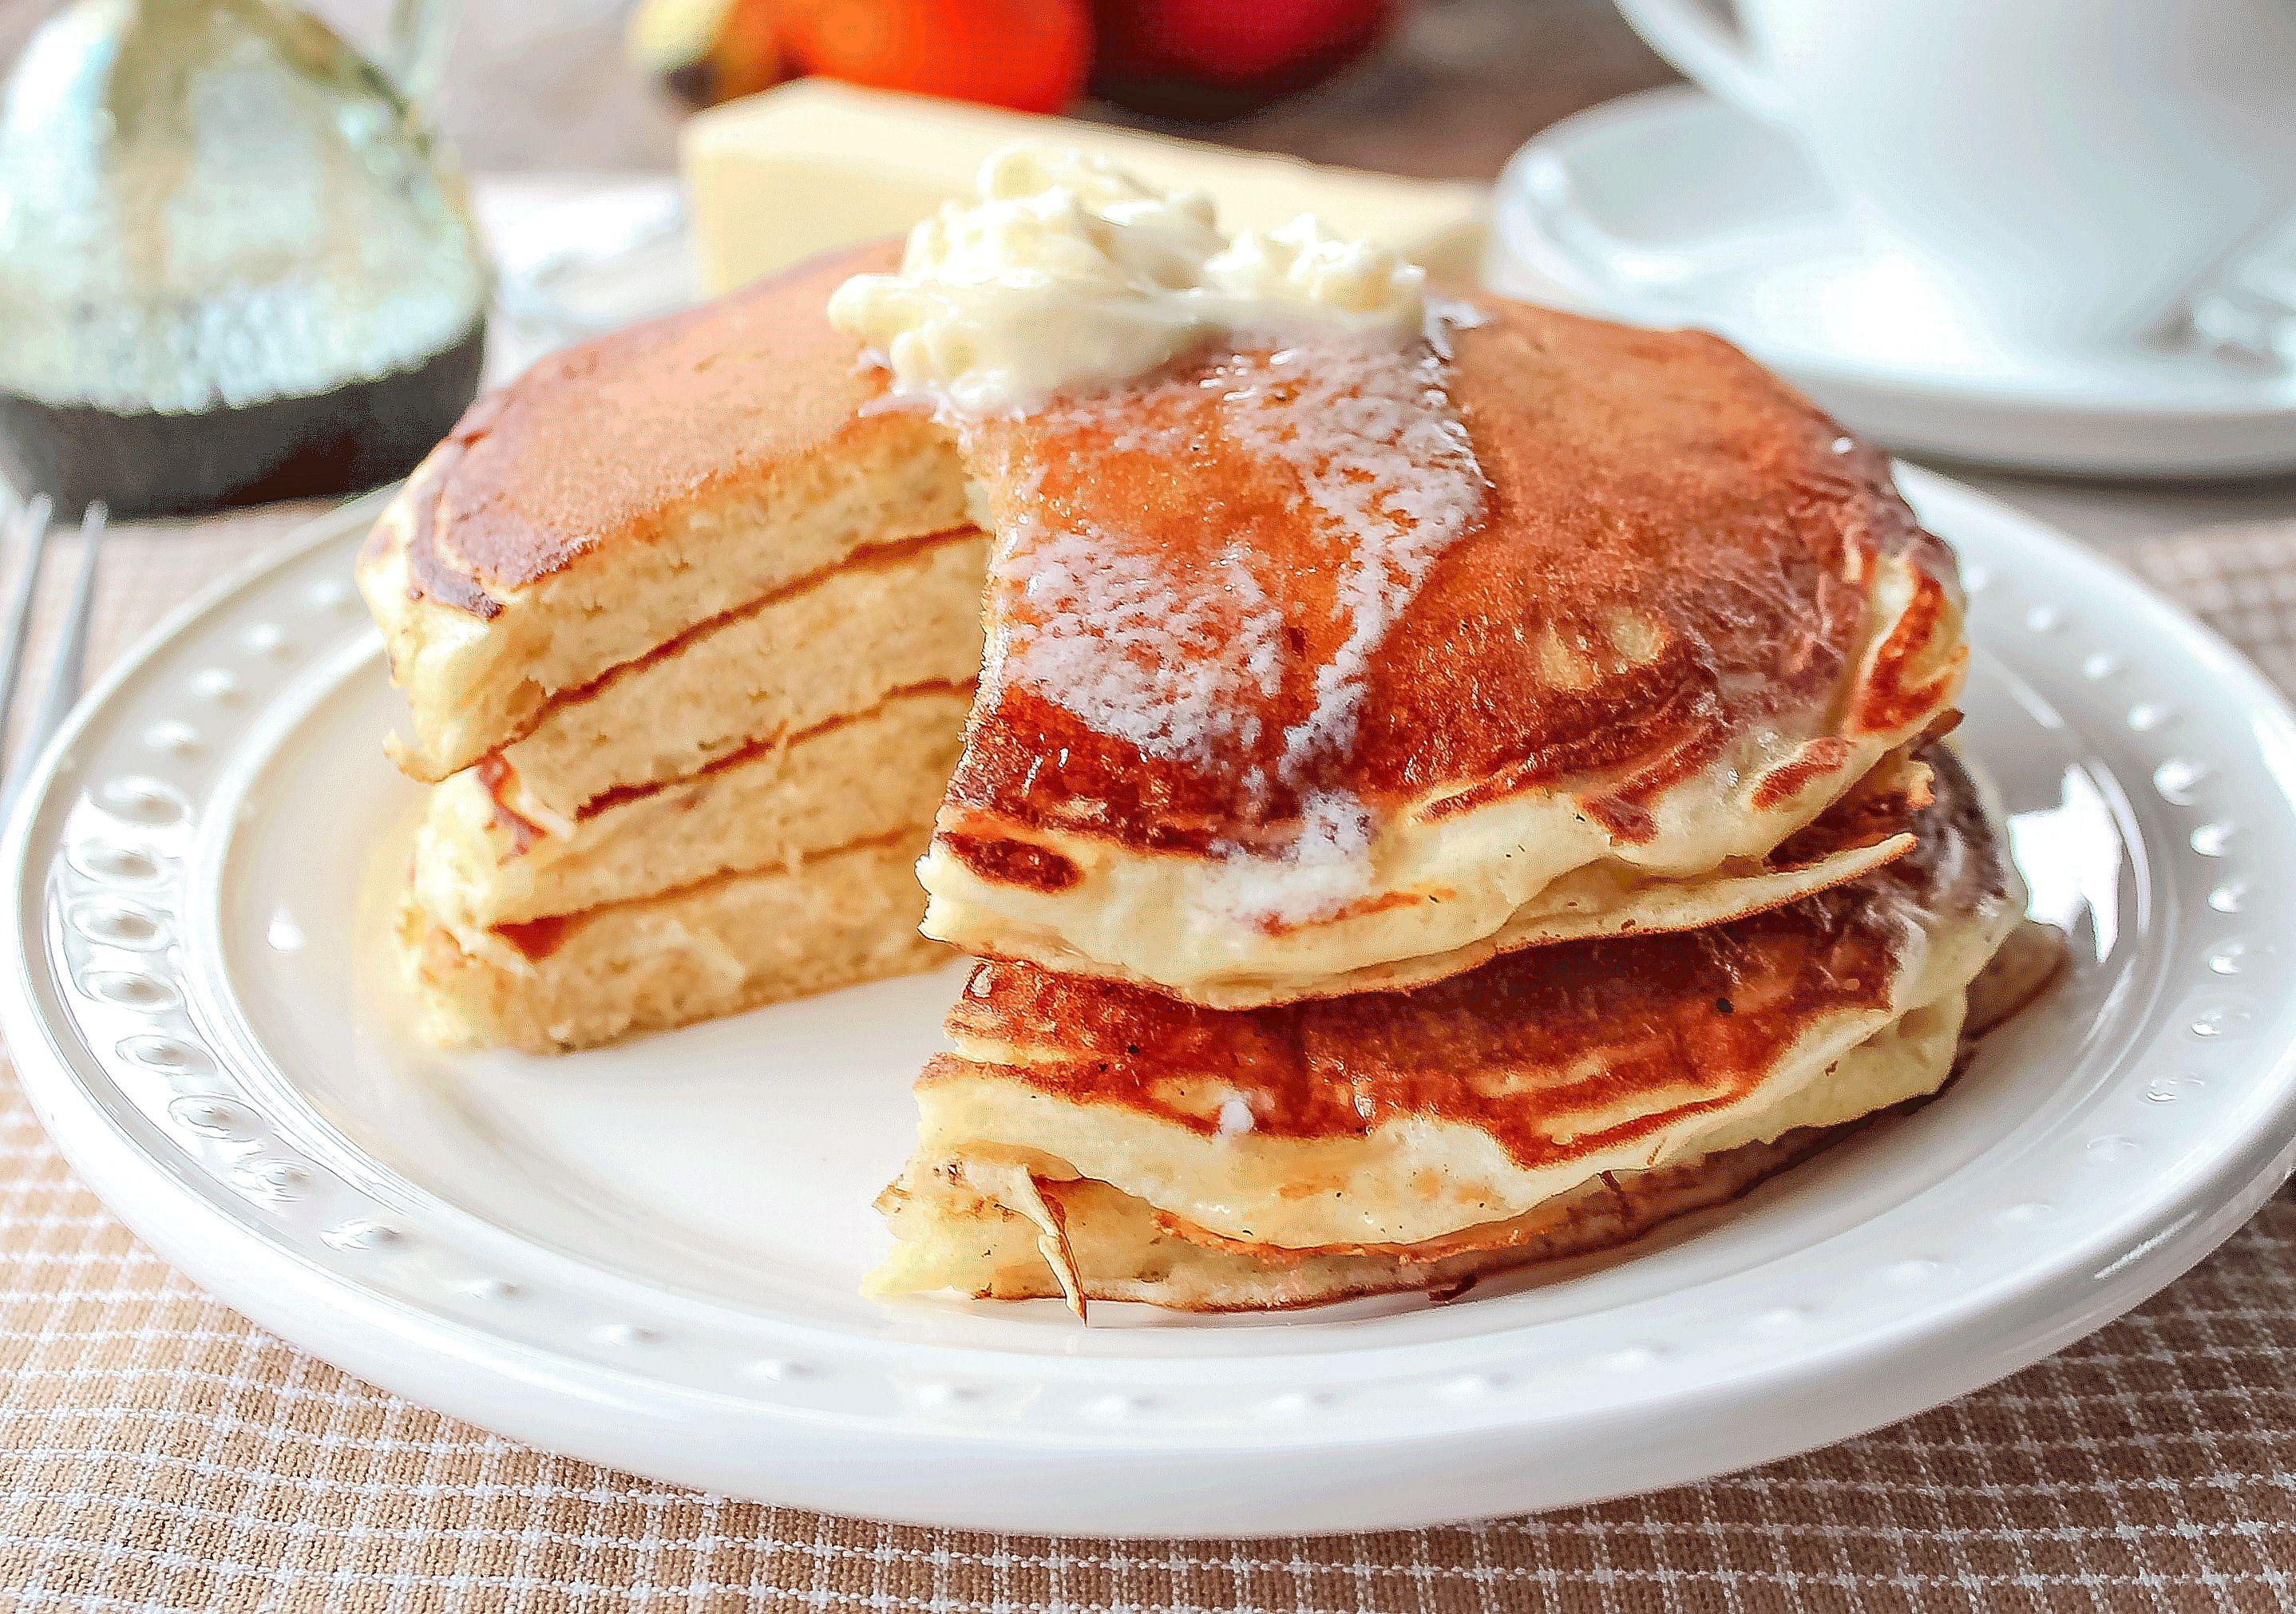 The Best Buttermilk Pancakes Ever Fluffy Tall Soft Homemade Buttermilk Pancakes Doe Sour Cream Pancakes Breakfast Sweets The Best Buttermilk Pancake Recipe